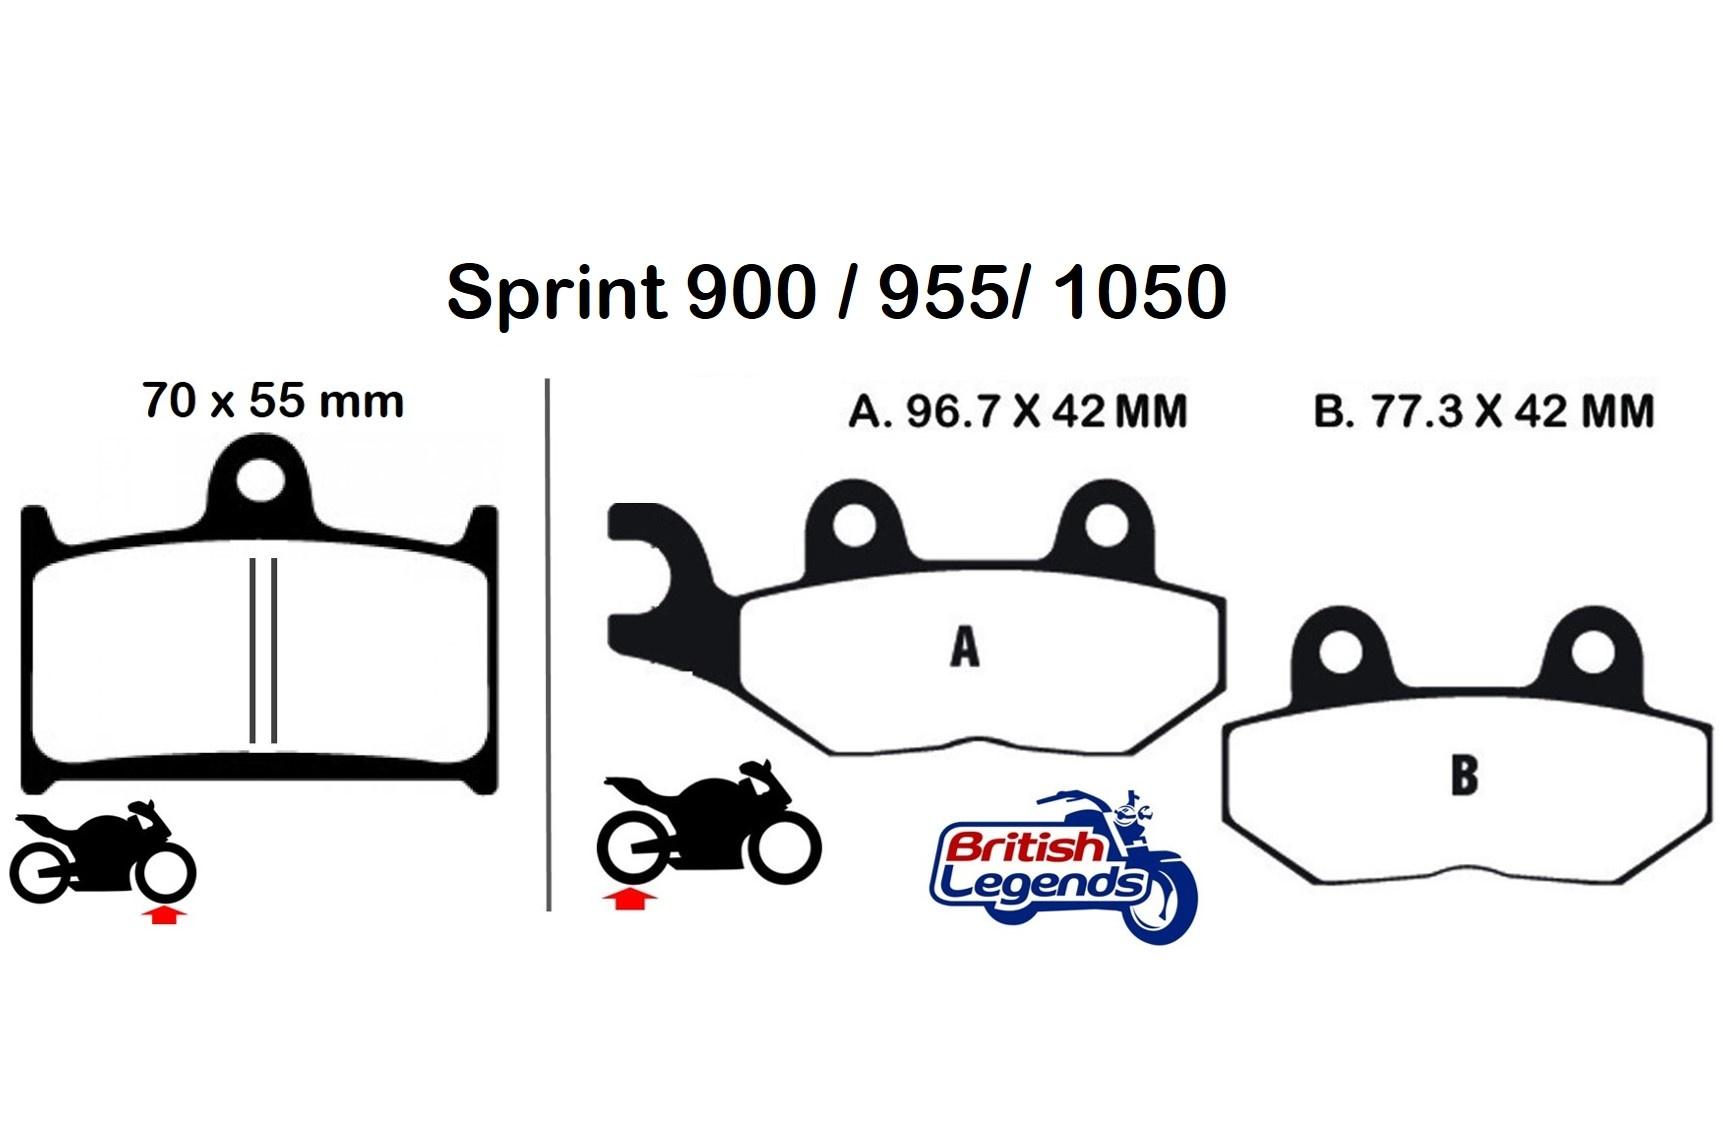 Plaquettes de frein pour Triumph Sprint 900/955/1050